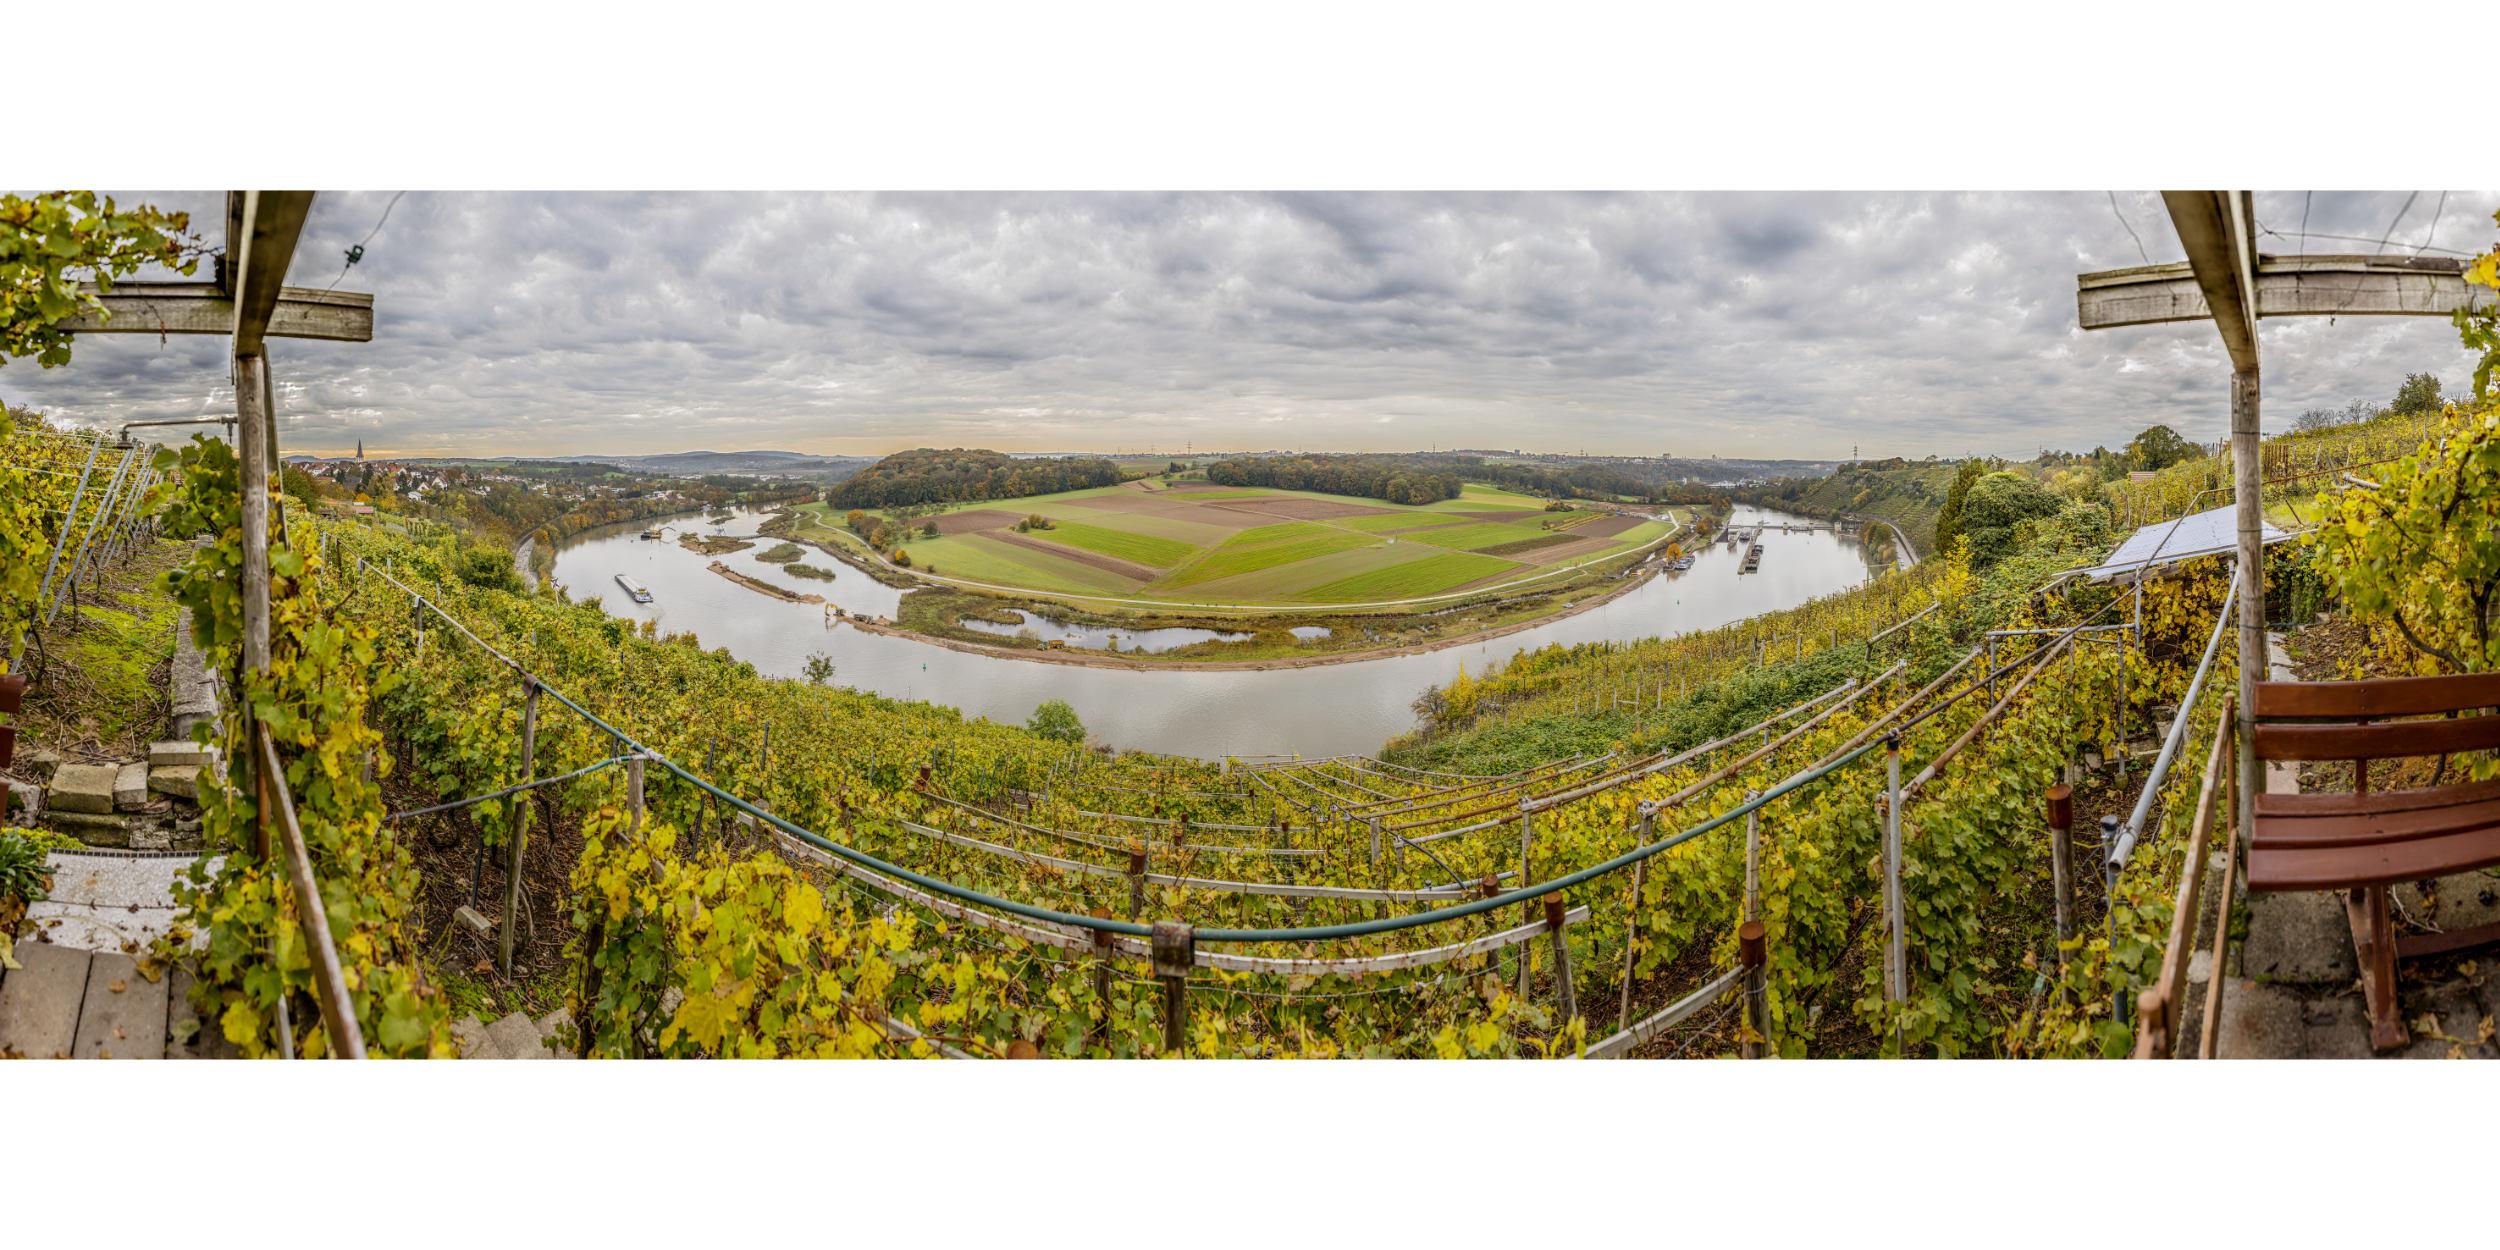 Panoramafotografie Virtuelle Touren 360Grad Fotografie Stuttgart und Umgebung 180° Teilpanorama Poppenweiler Neckar Biotop Fischweg Fischtreppe Renaturieren